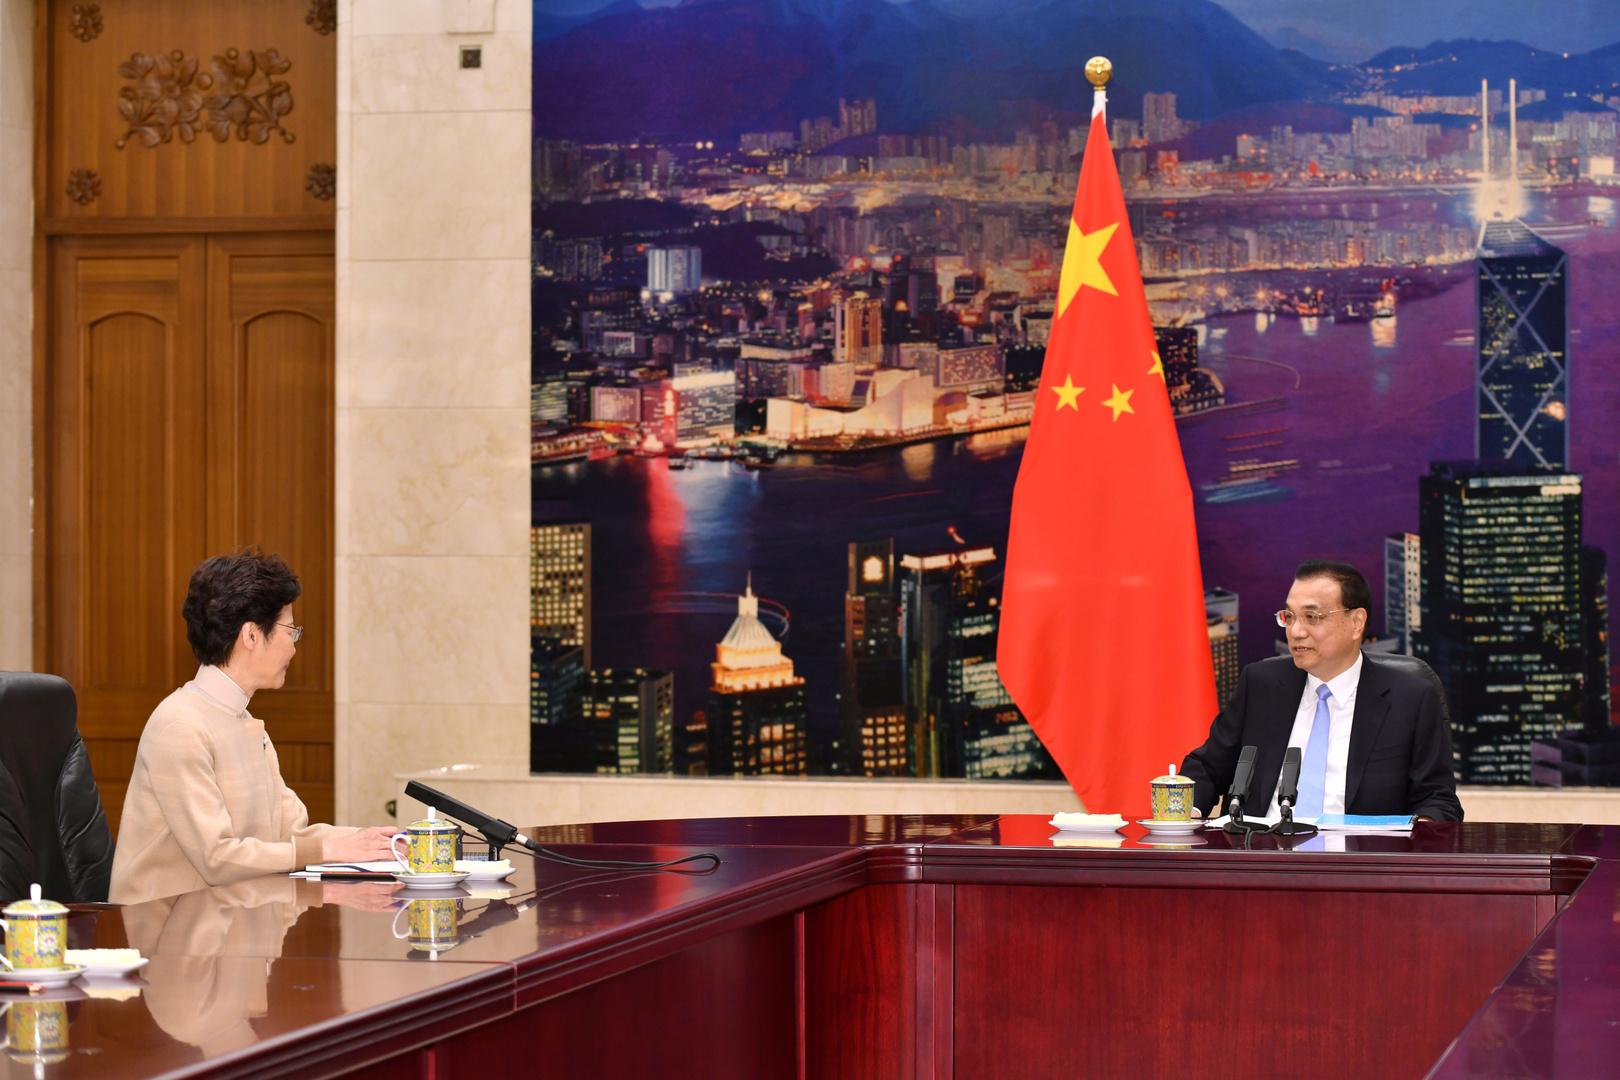 كاري لام تلتقي رئيس الوزراء الصيني